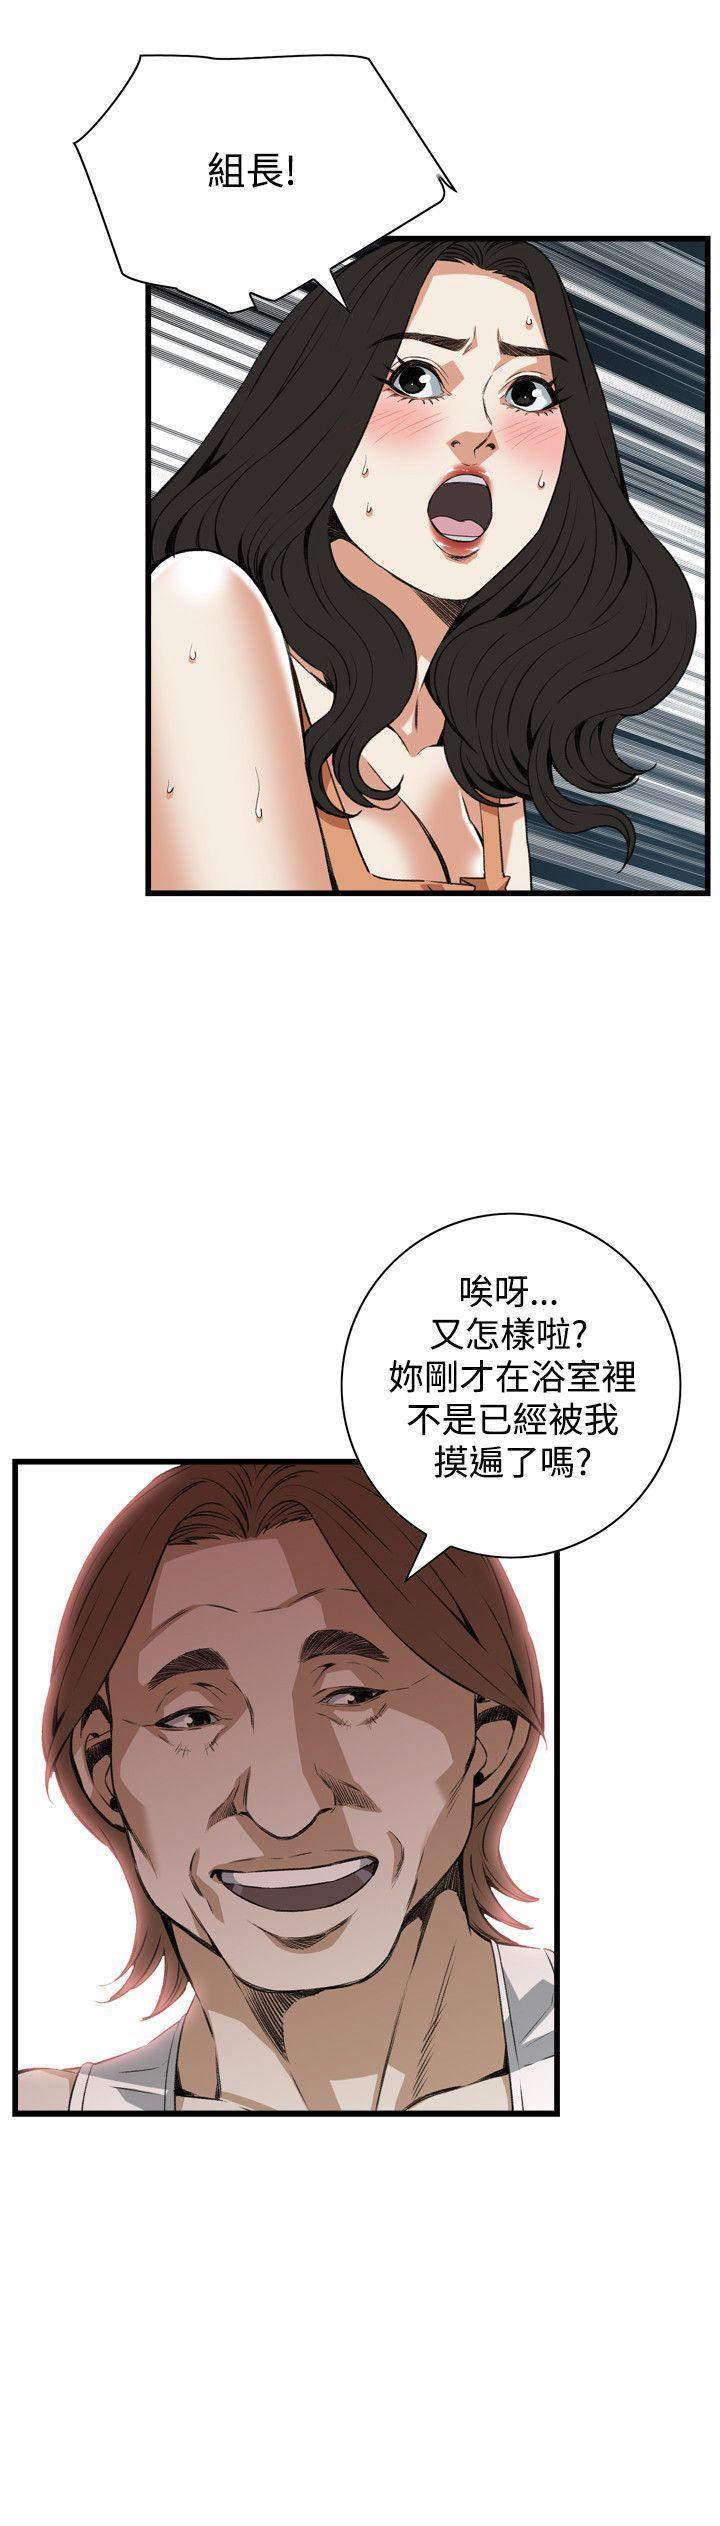 偷窥72-93 Chinese Rsiky 314